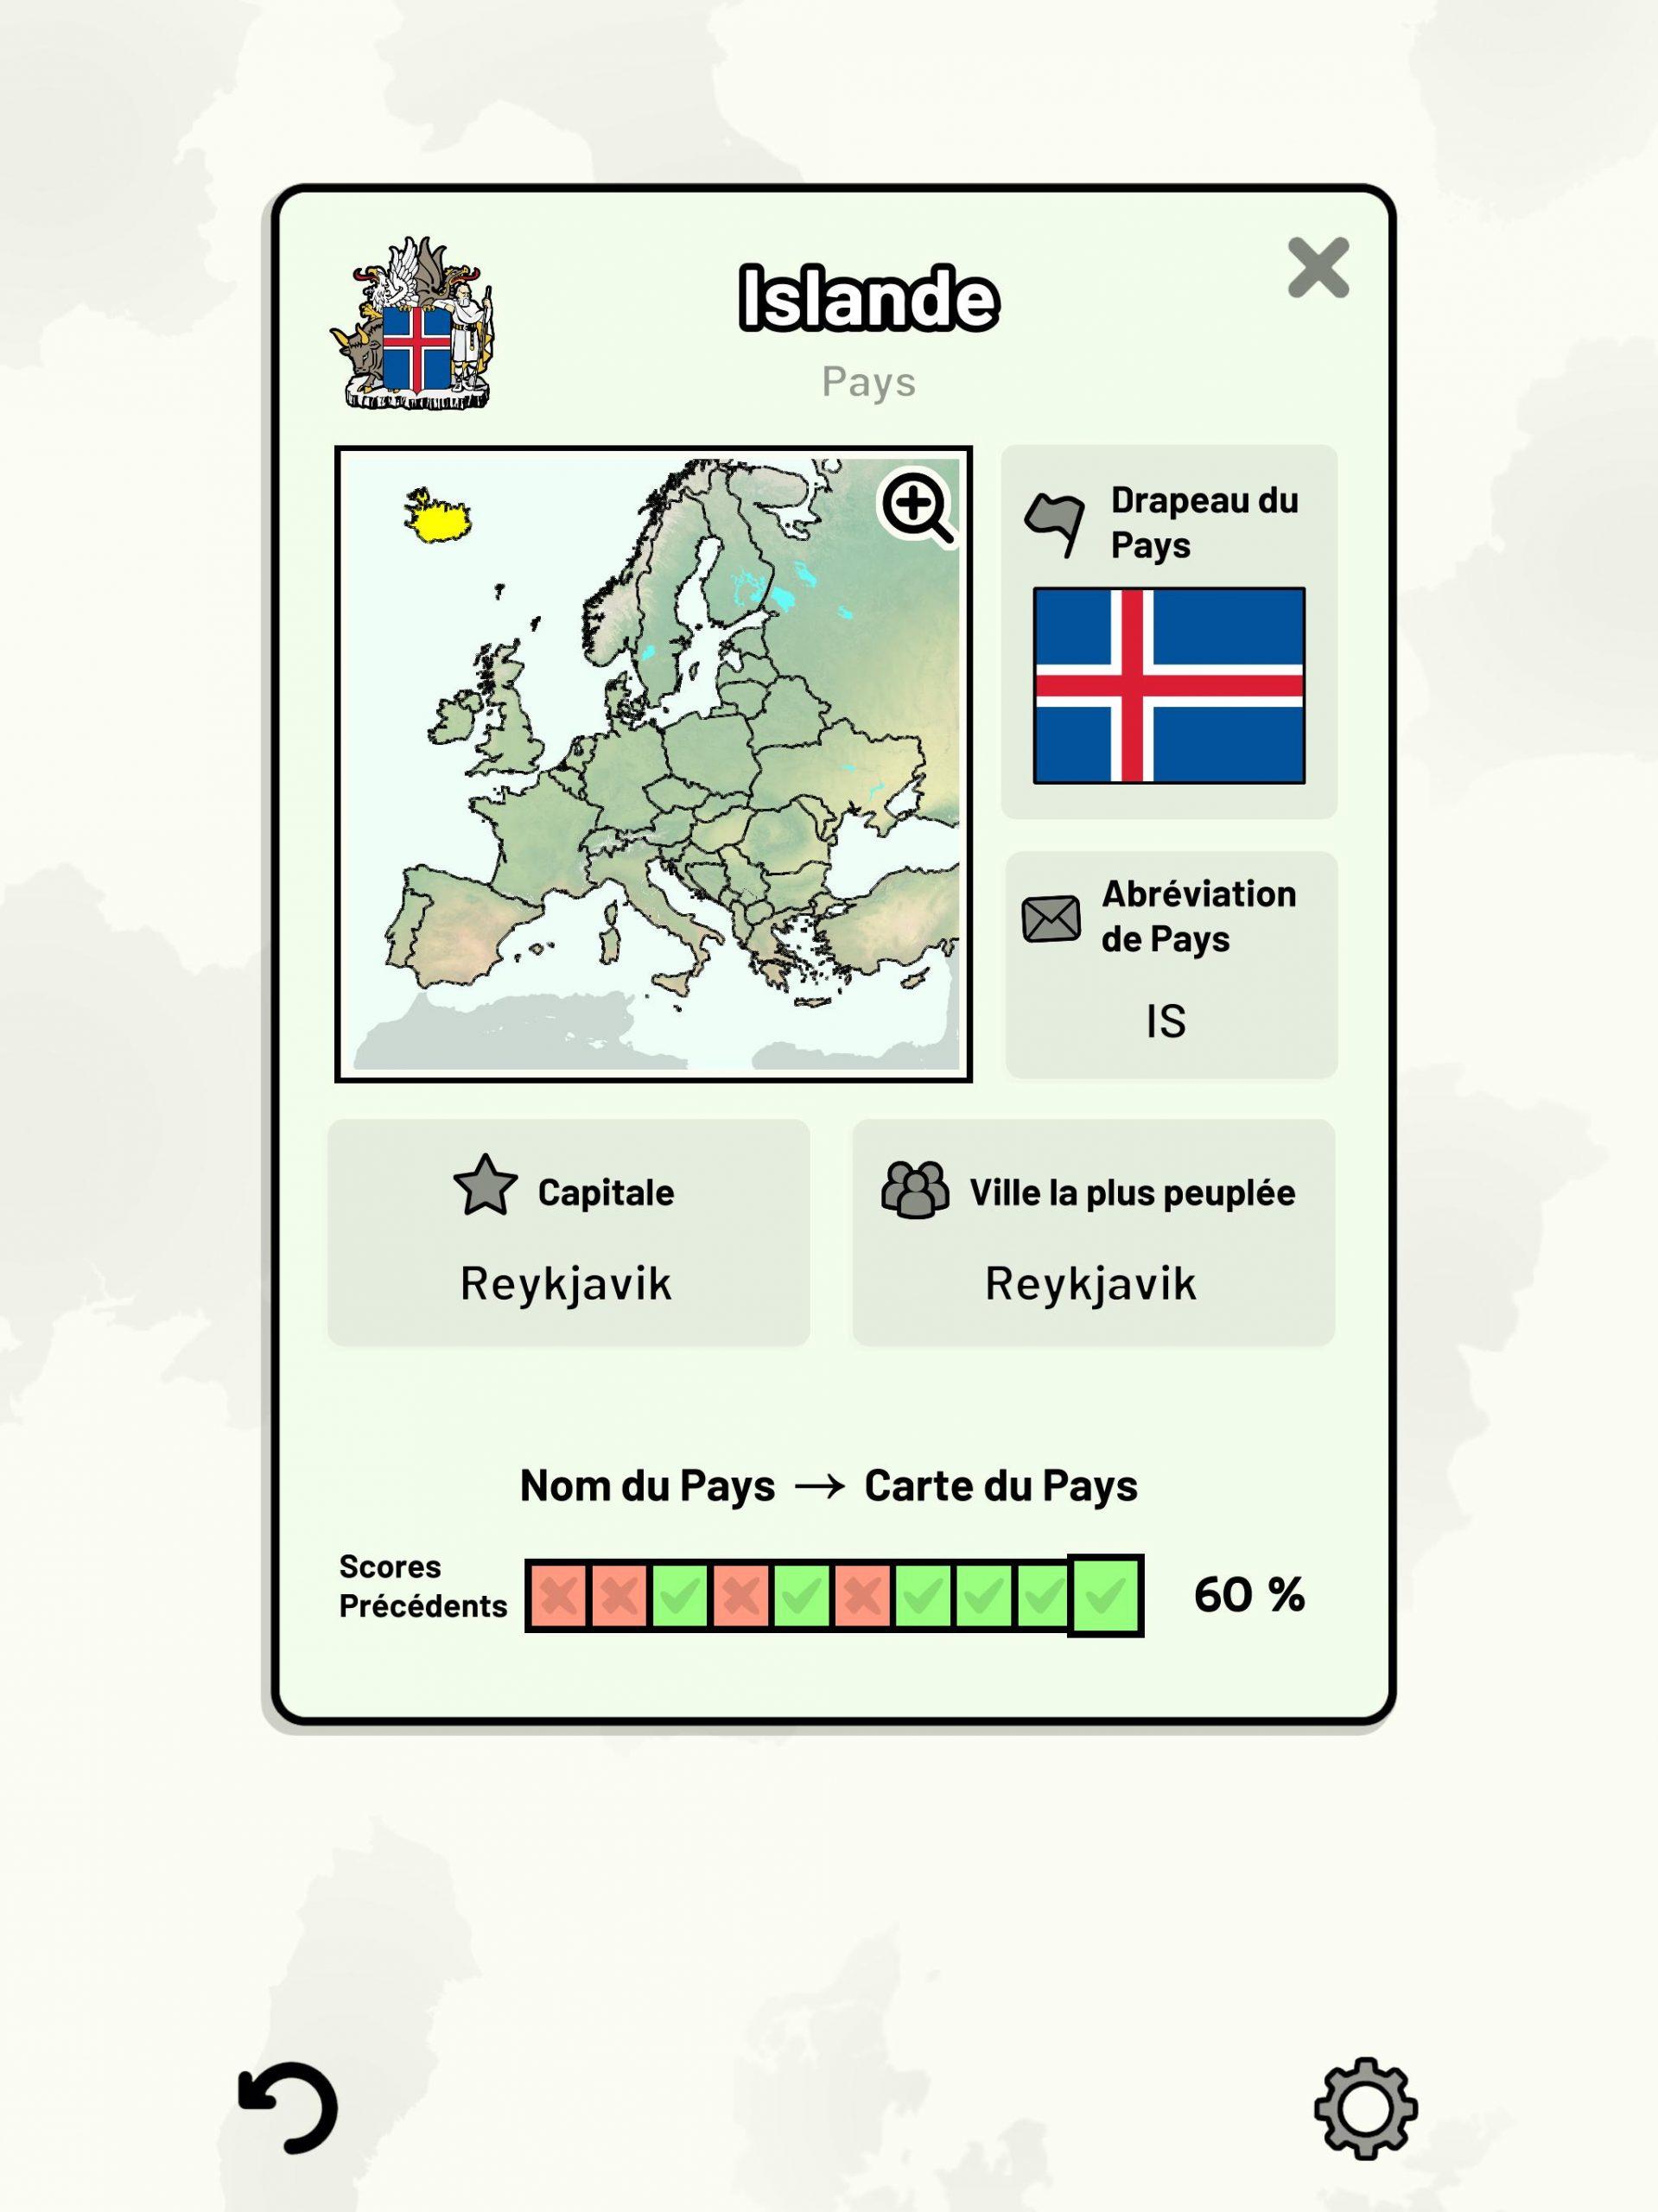 Pays D'europe - Quiz: Cartes, Capitales, Drapeaux Pour à Europe Carte Capitale